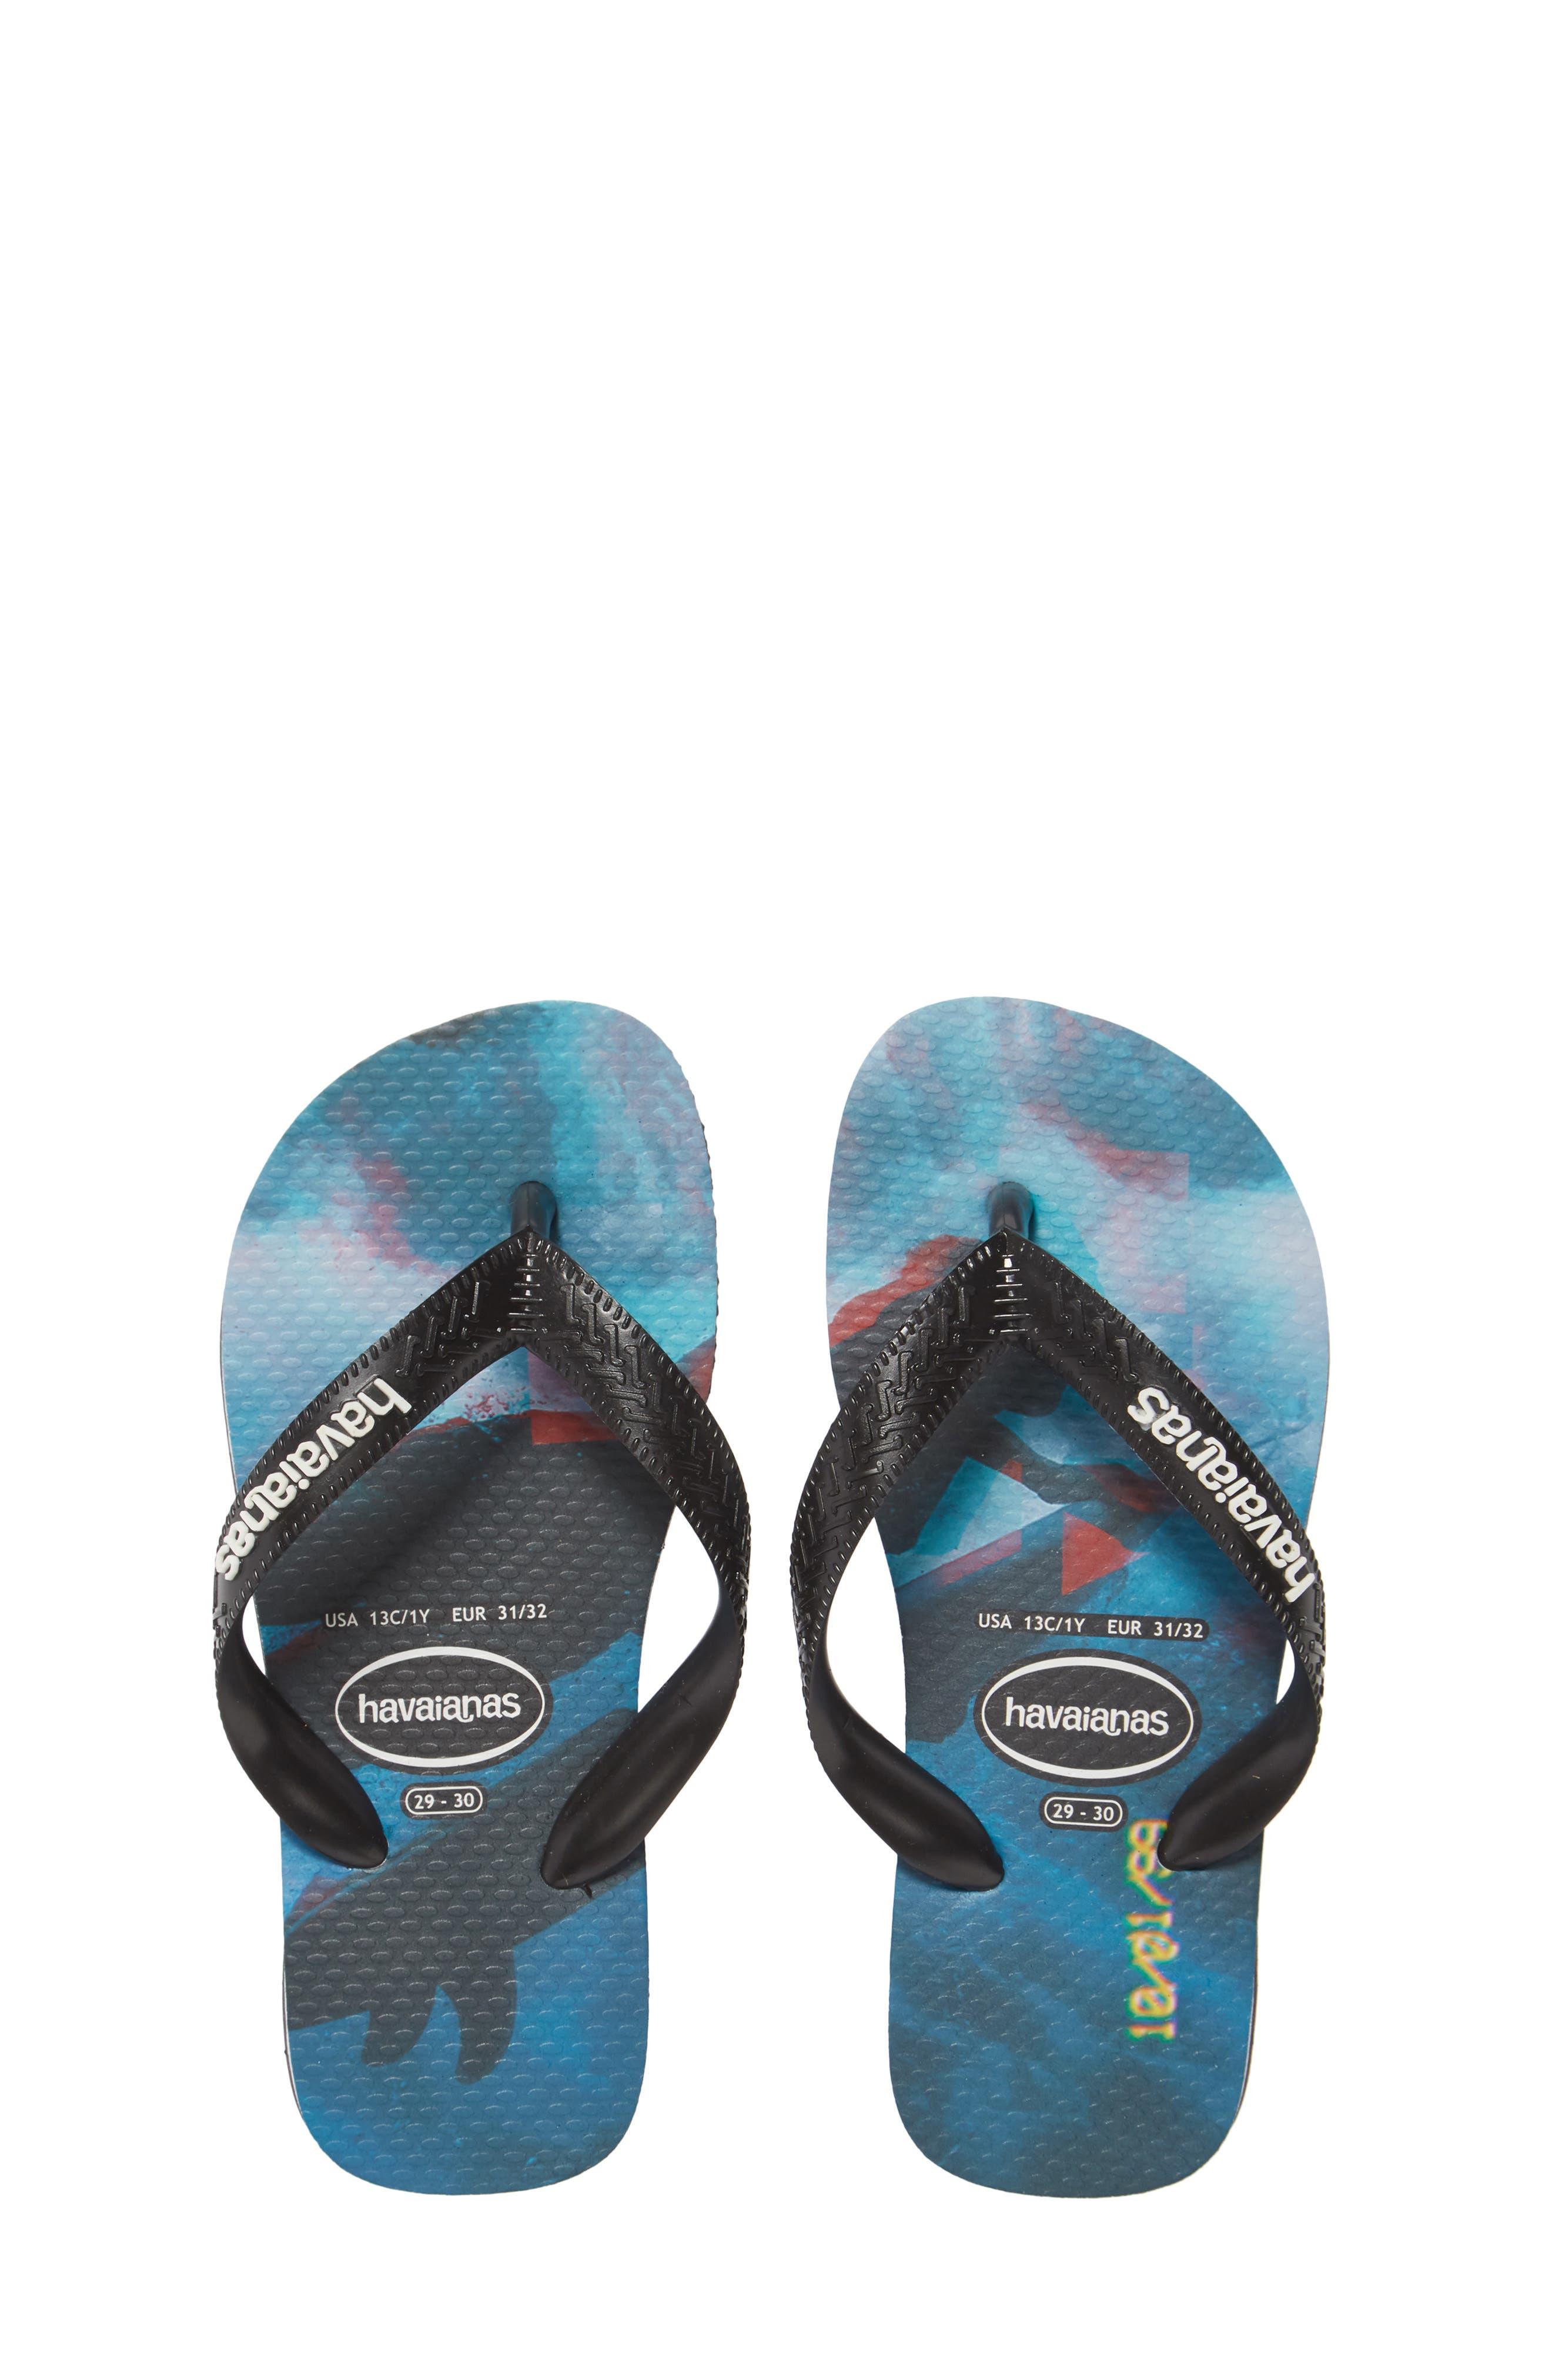 HAVAIANAS Genuine NEW Kids Unisex THONGS FLIP FLOPS SANDALS shark black//grey